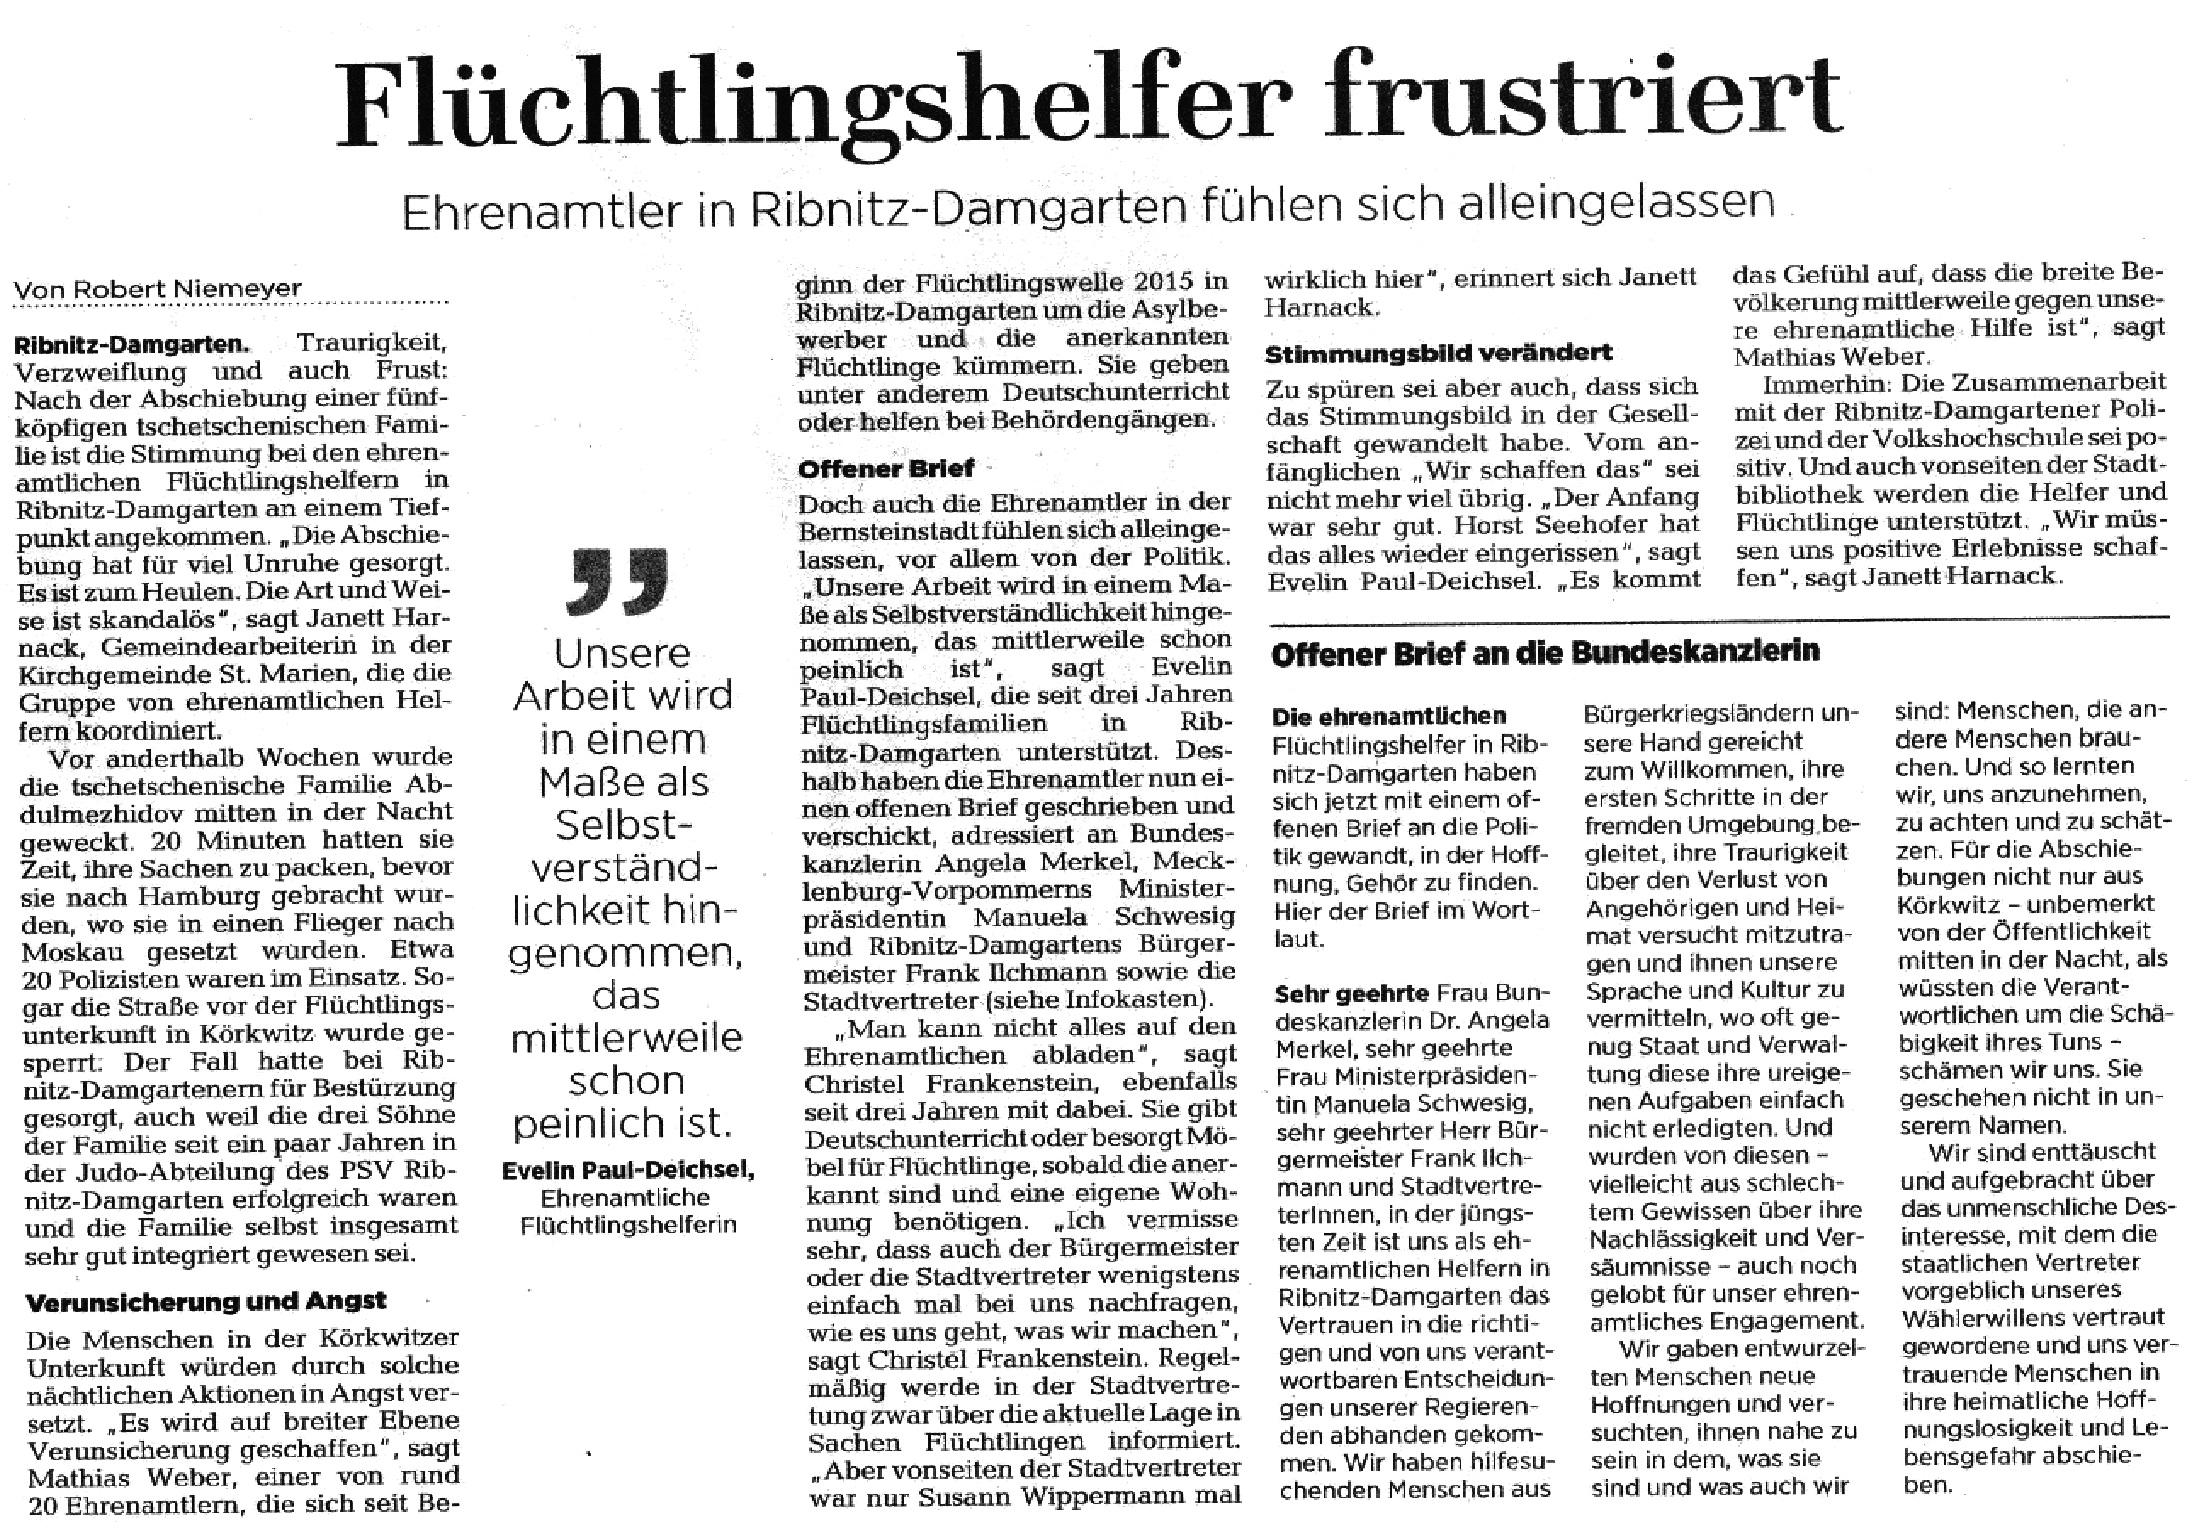 Flüchtlingshelfer frustiert - Ehrenamtler in Ribnitz-Damgarten fühlen sich alleingelassen - Beitrag veröffentlicht in der Ostsee-Zeitung - Ribnitz-Damgartener Ausgabe - Seite 11 - Sonnabend/Sonntag, 18./19. August 2018